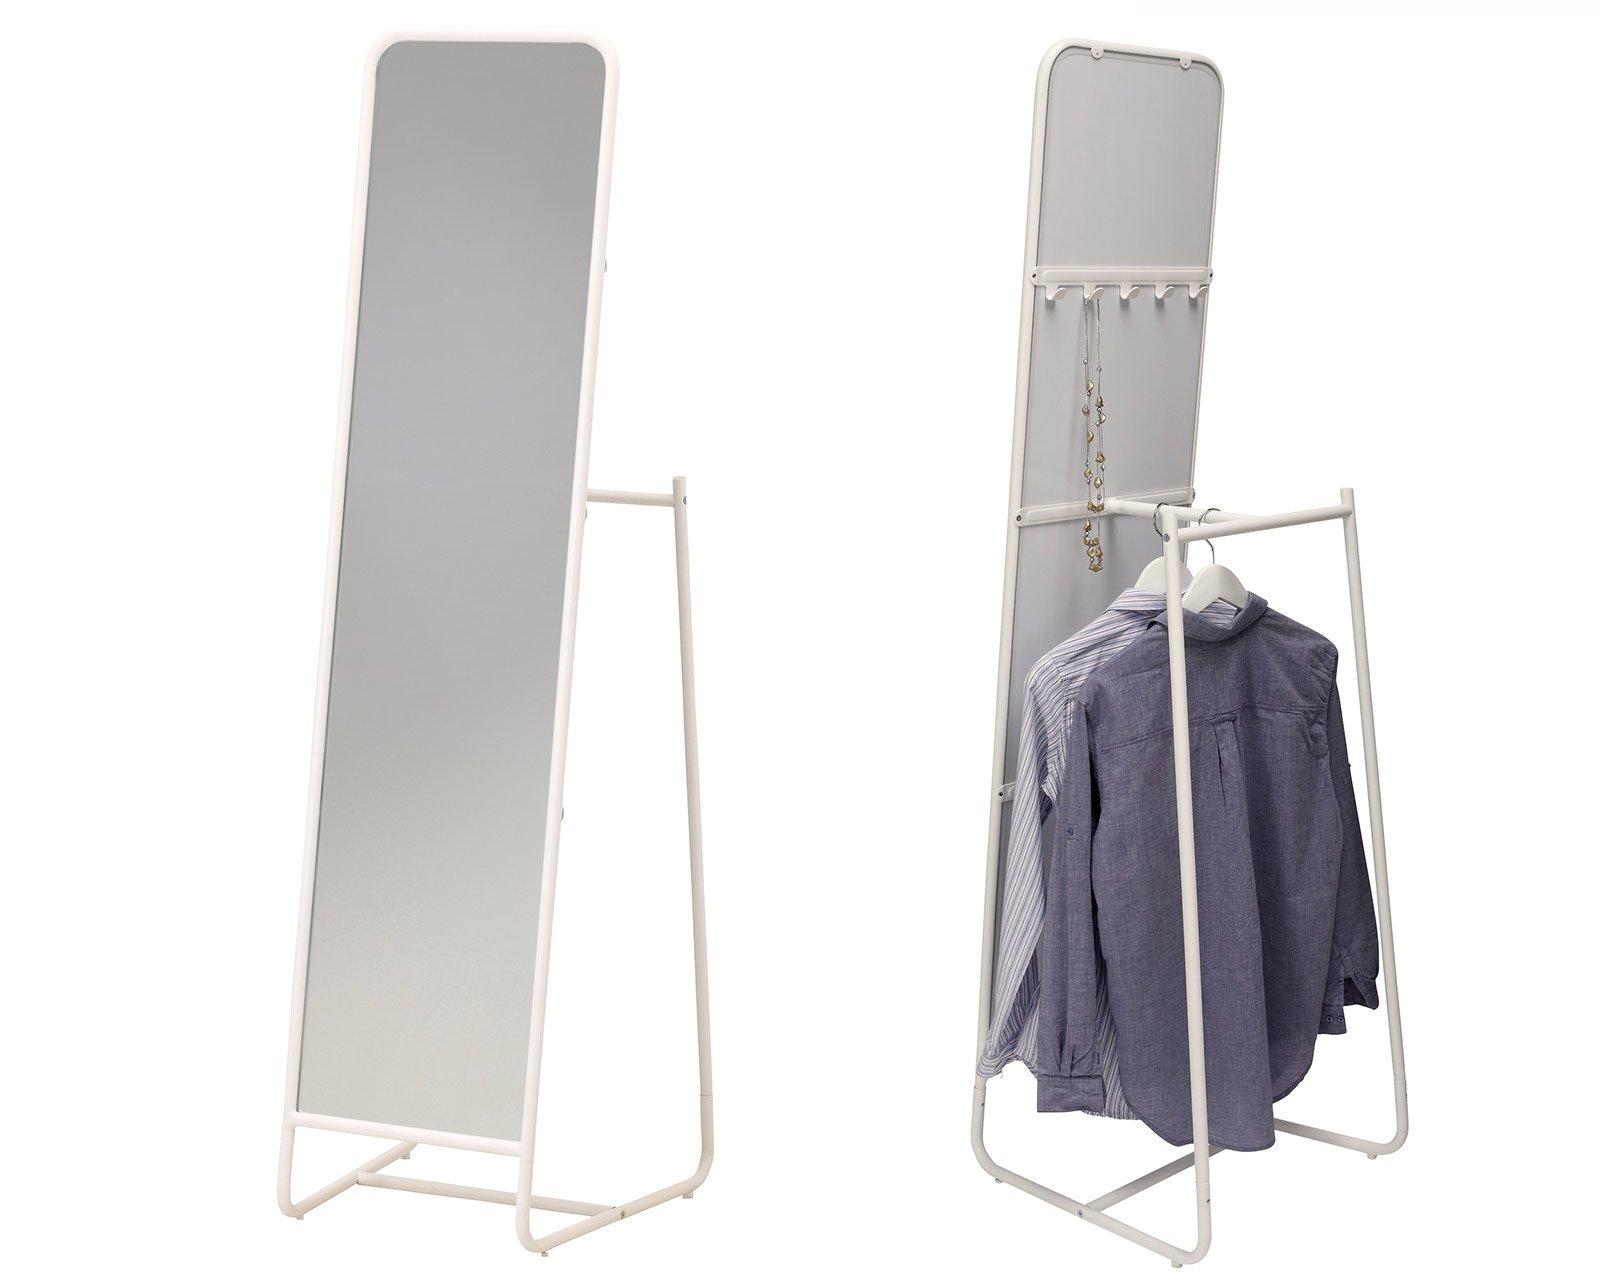 Specchi questione di riflessi cose di casa - Grucce legno ikea ...